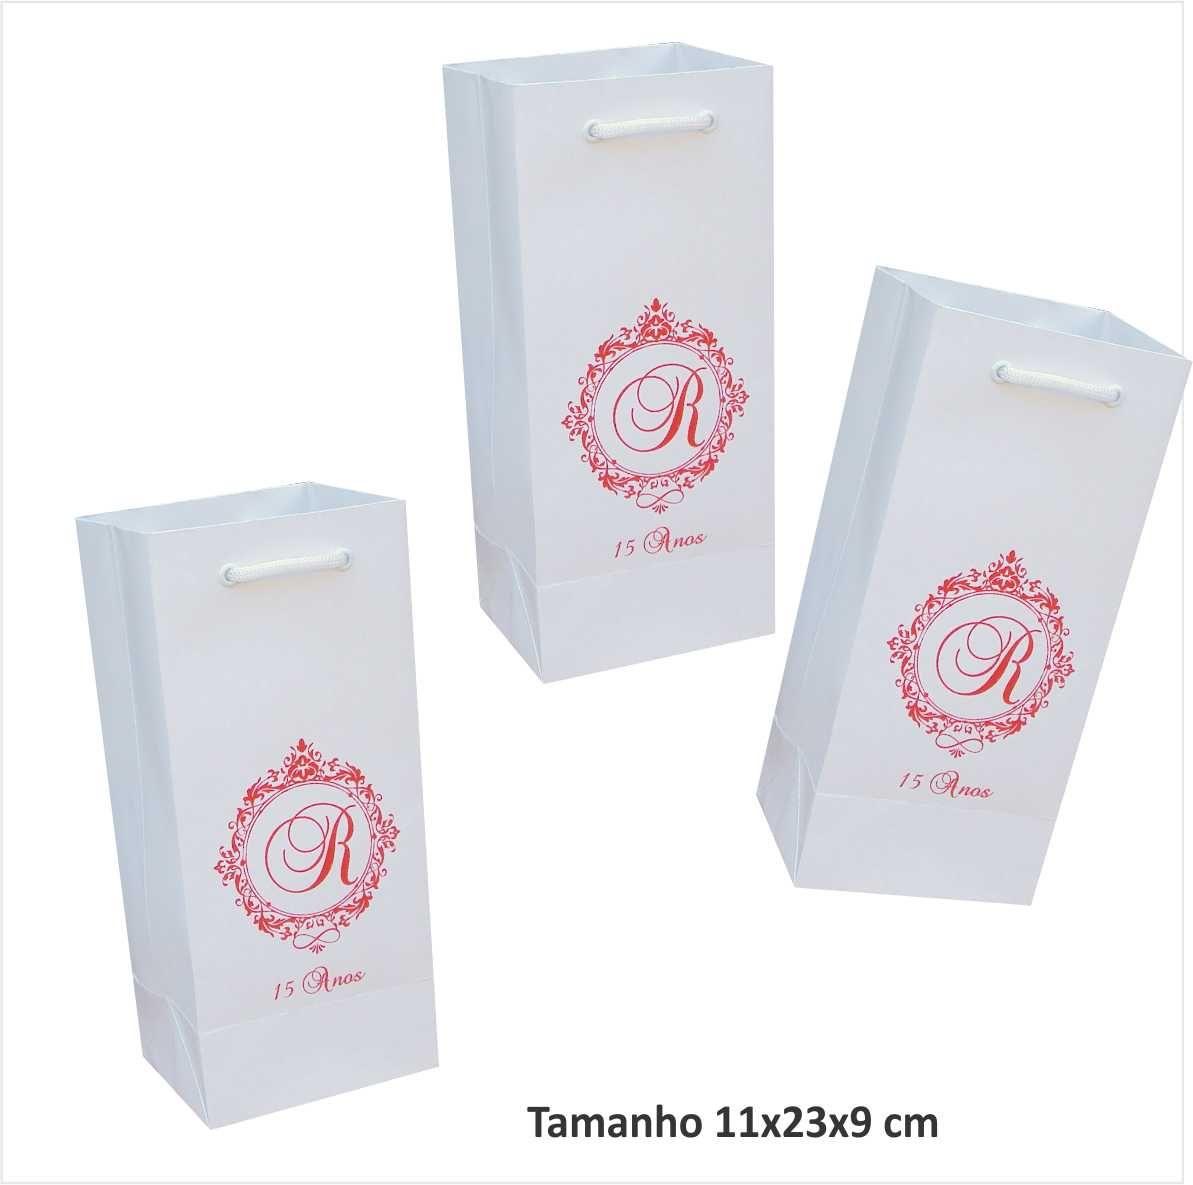 Sacola de papel personalizada - cor branca ideal para mini garrafa (11x23x9 cm) 30 unidades